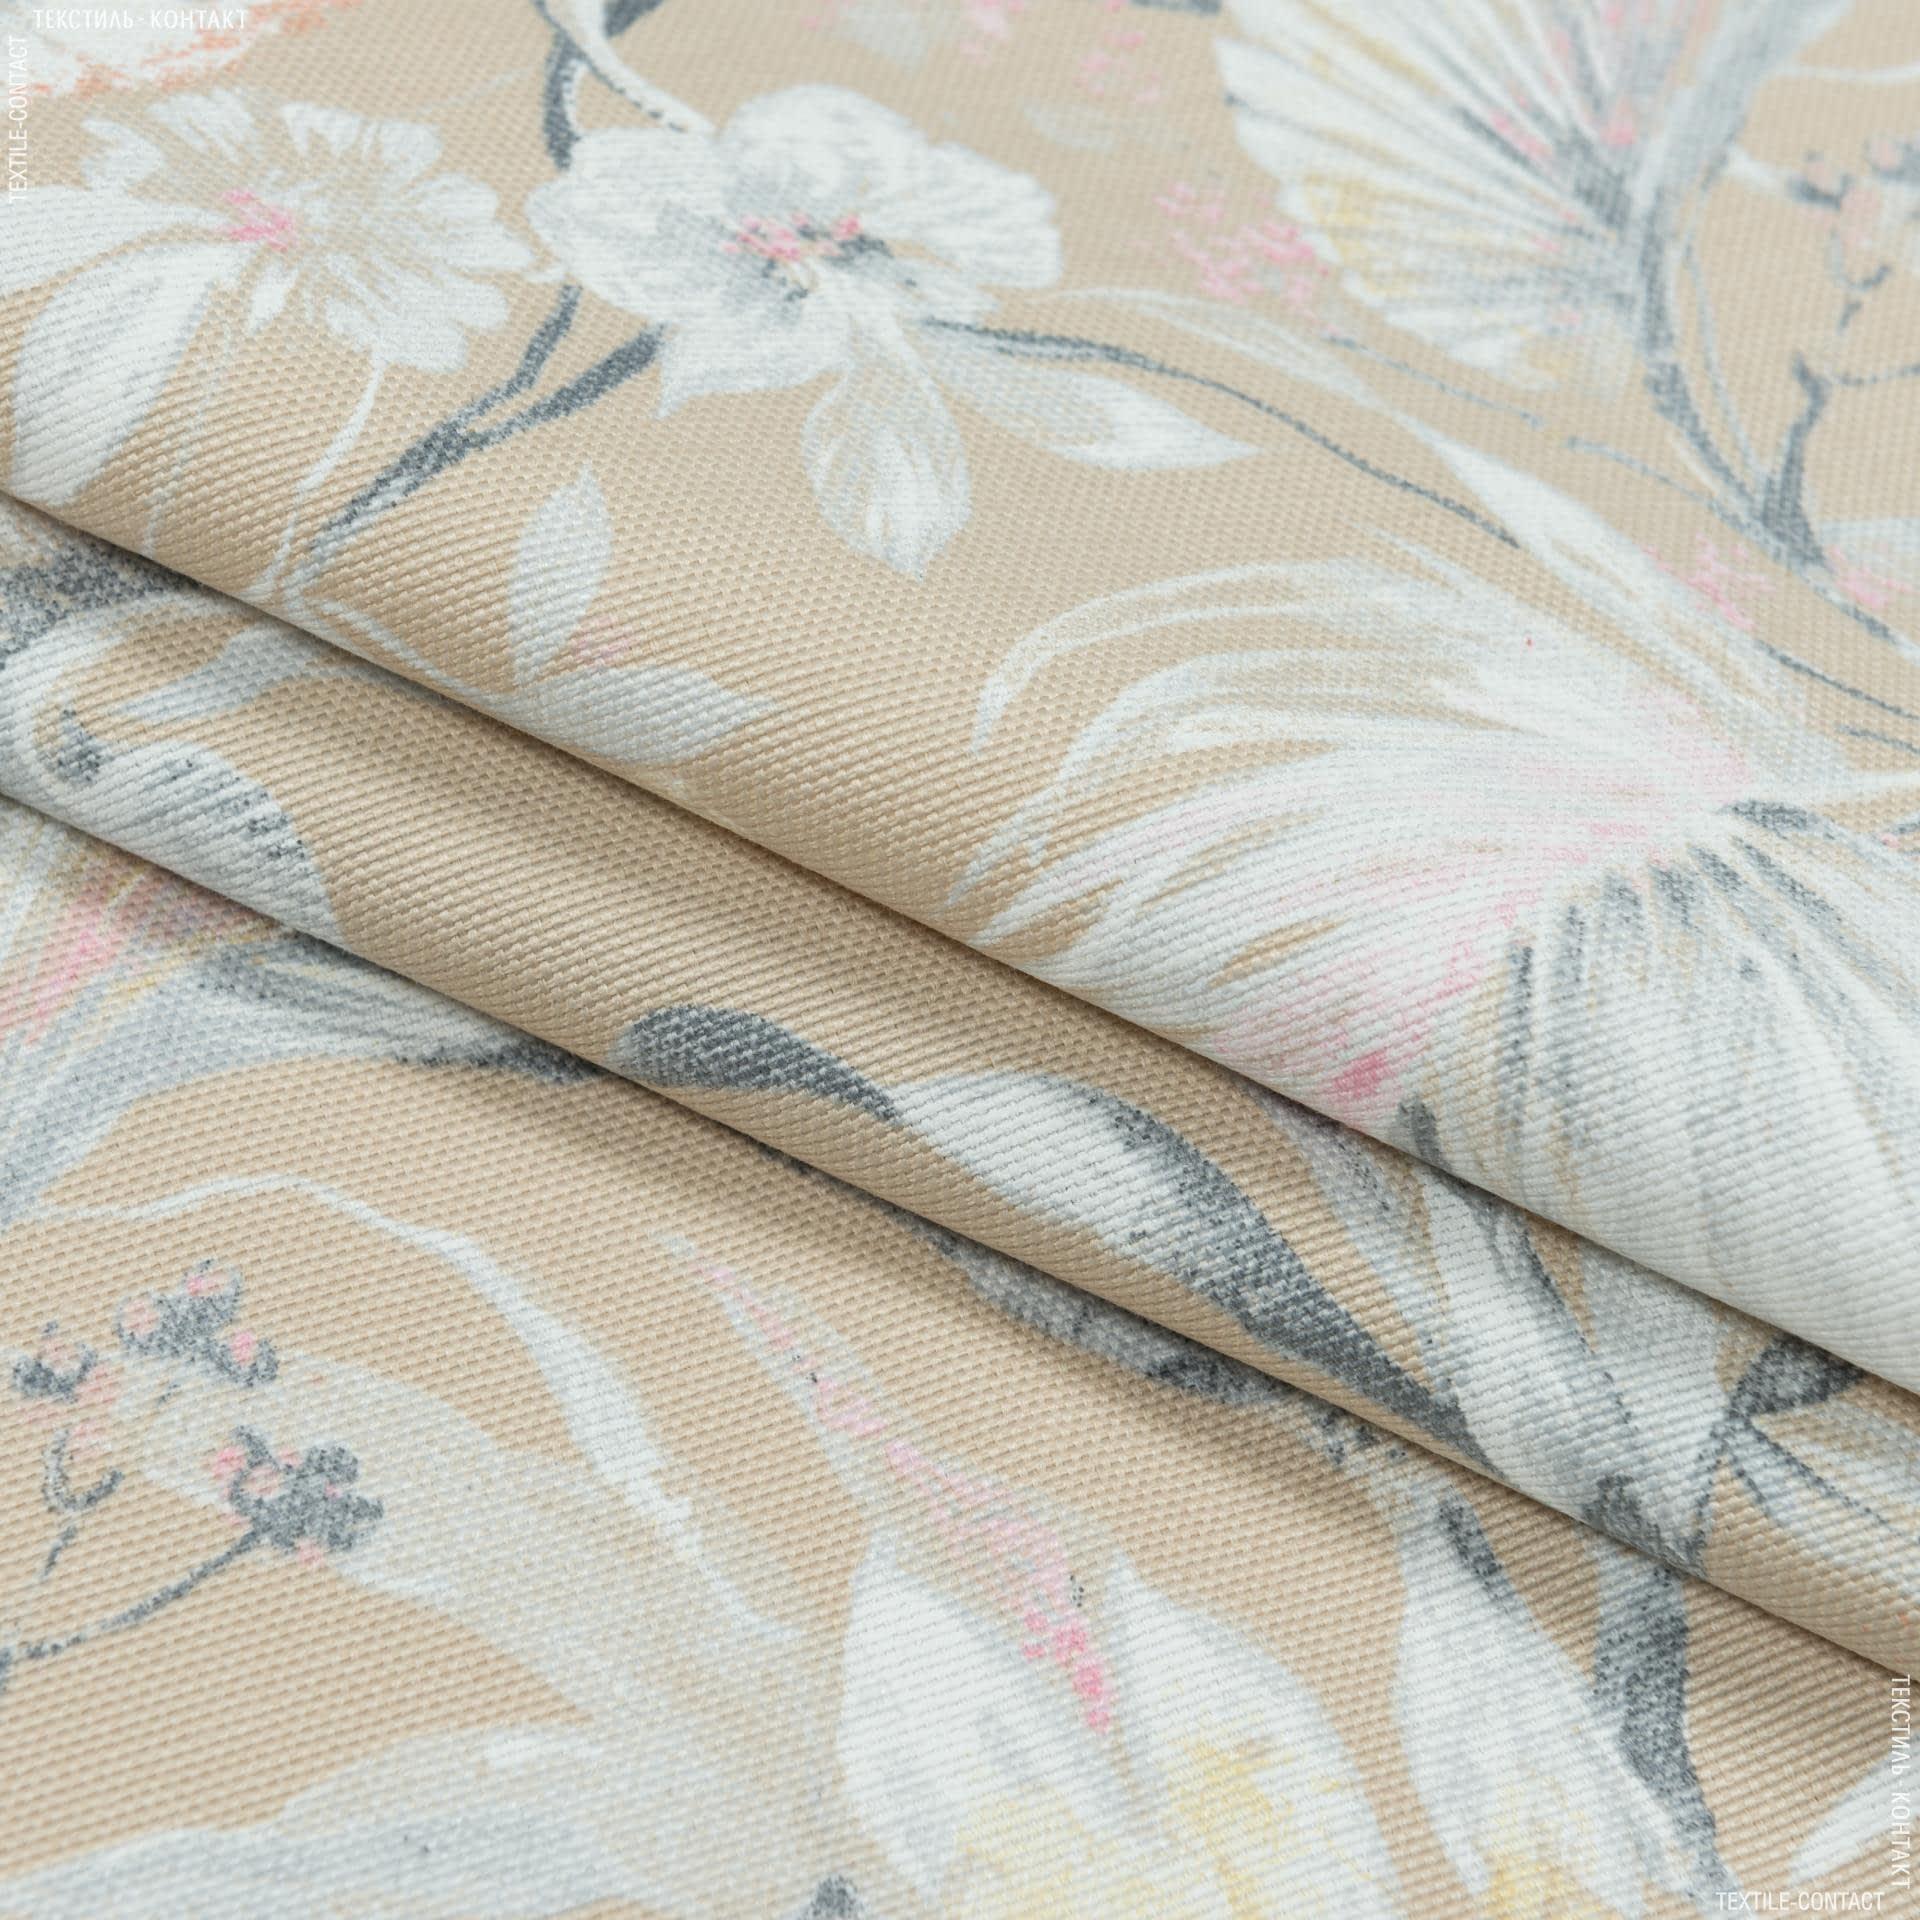 Ткани портьерные ткани - Декоративная ткань омбра цветы/ ombra  фон песок